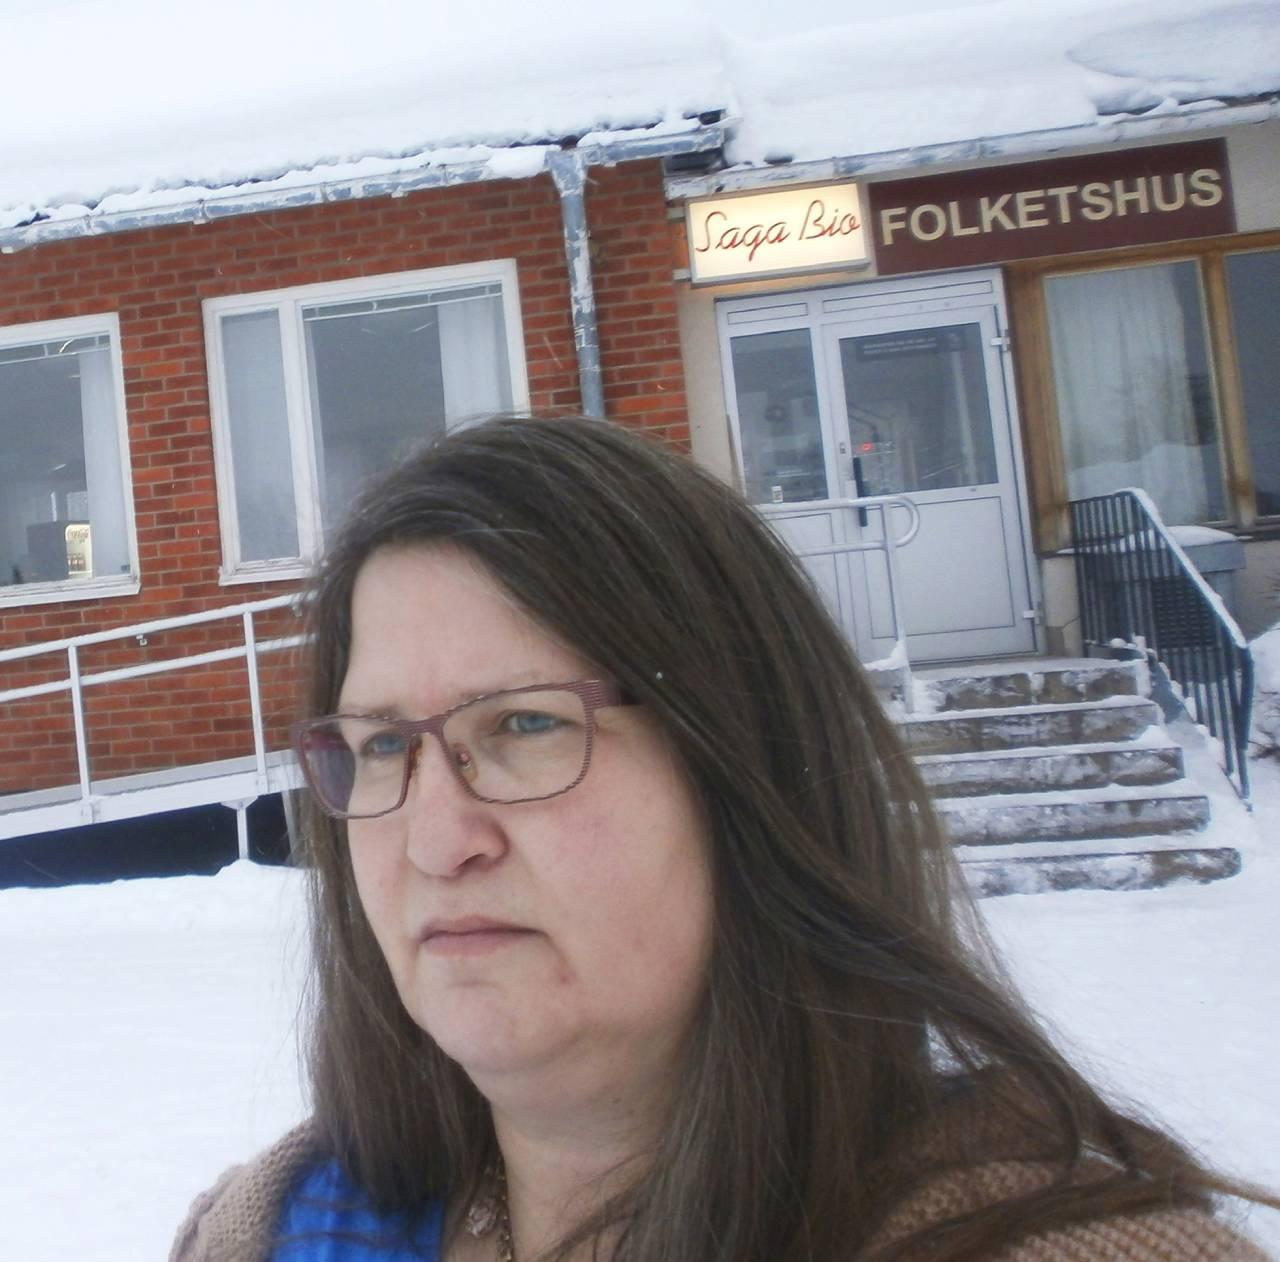 Laila Johannesson